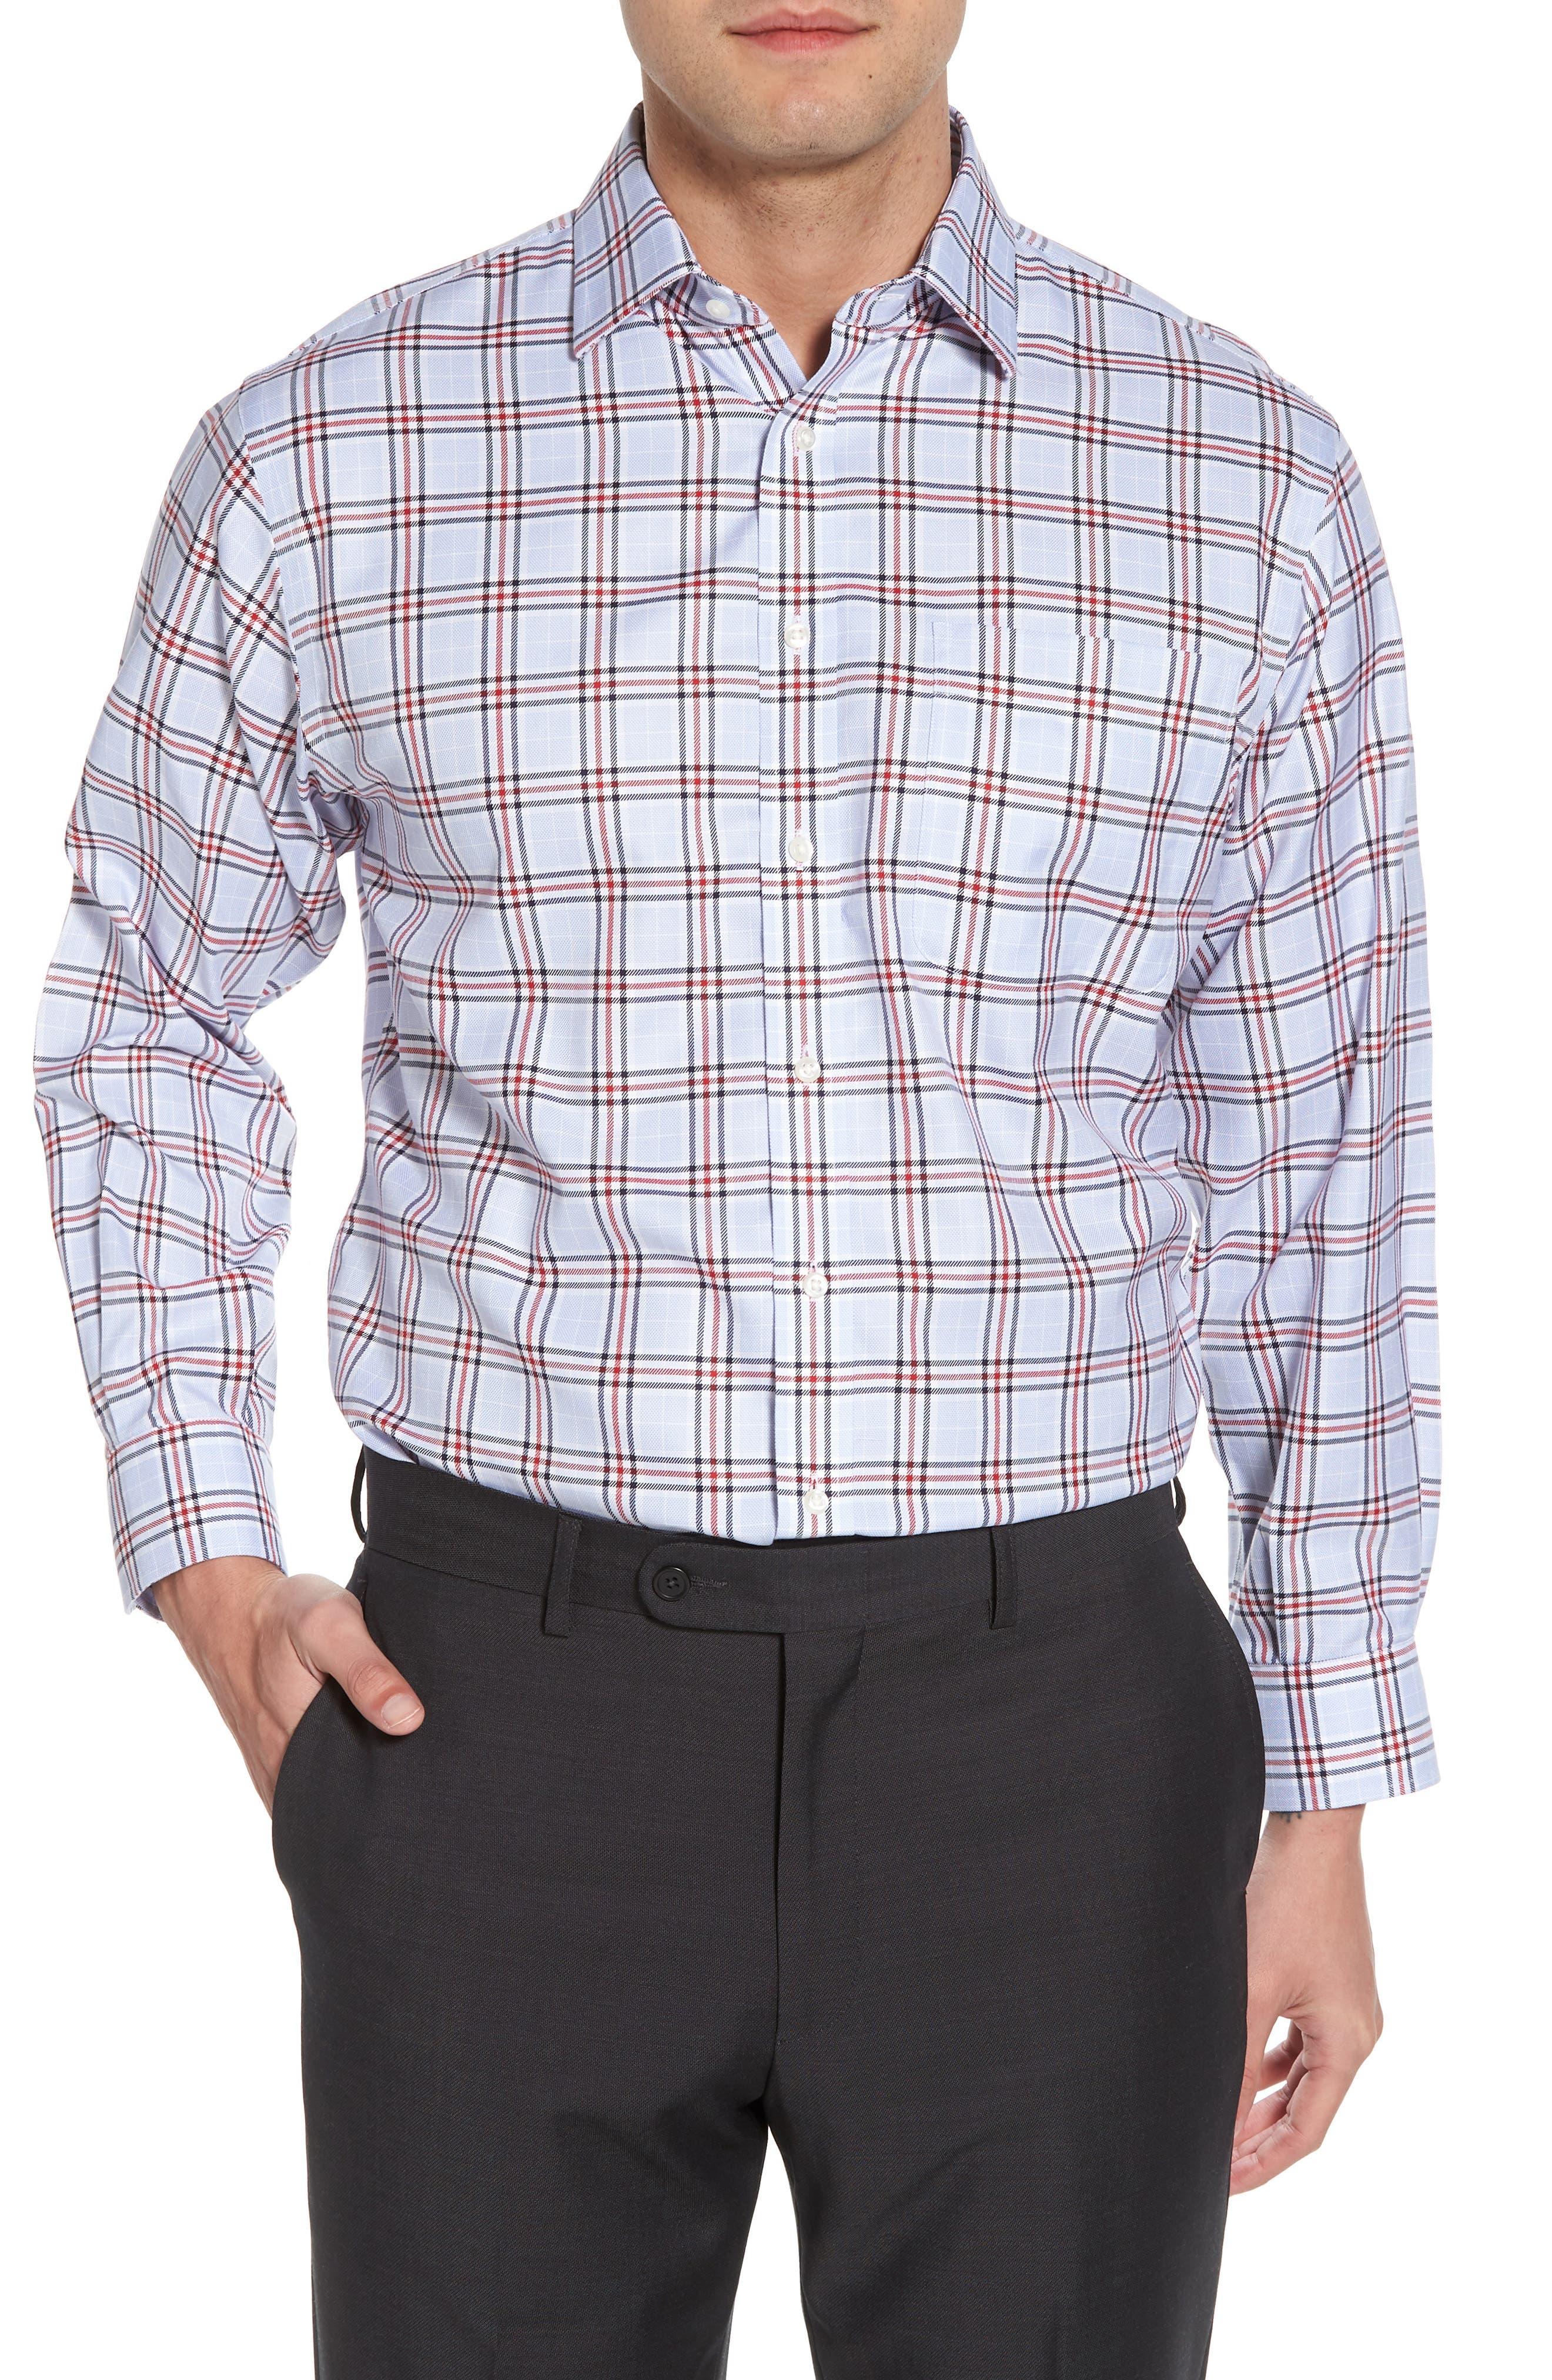 Alternate Image 1 Selected - Nordstrom Men's Shop Smartcare™ Classic Fit Plaid Dress Shirt